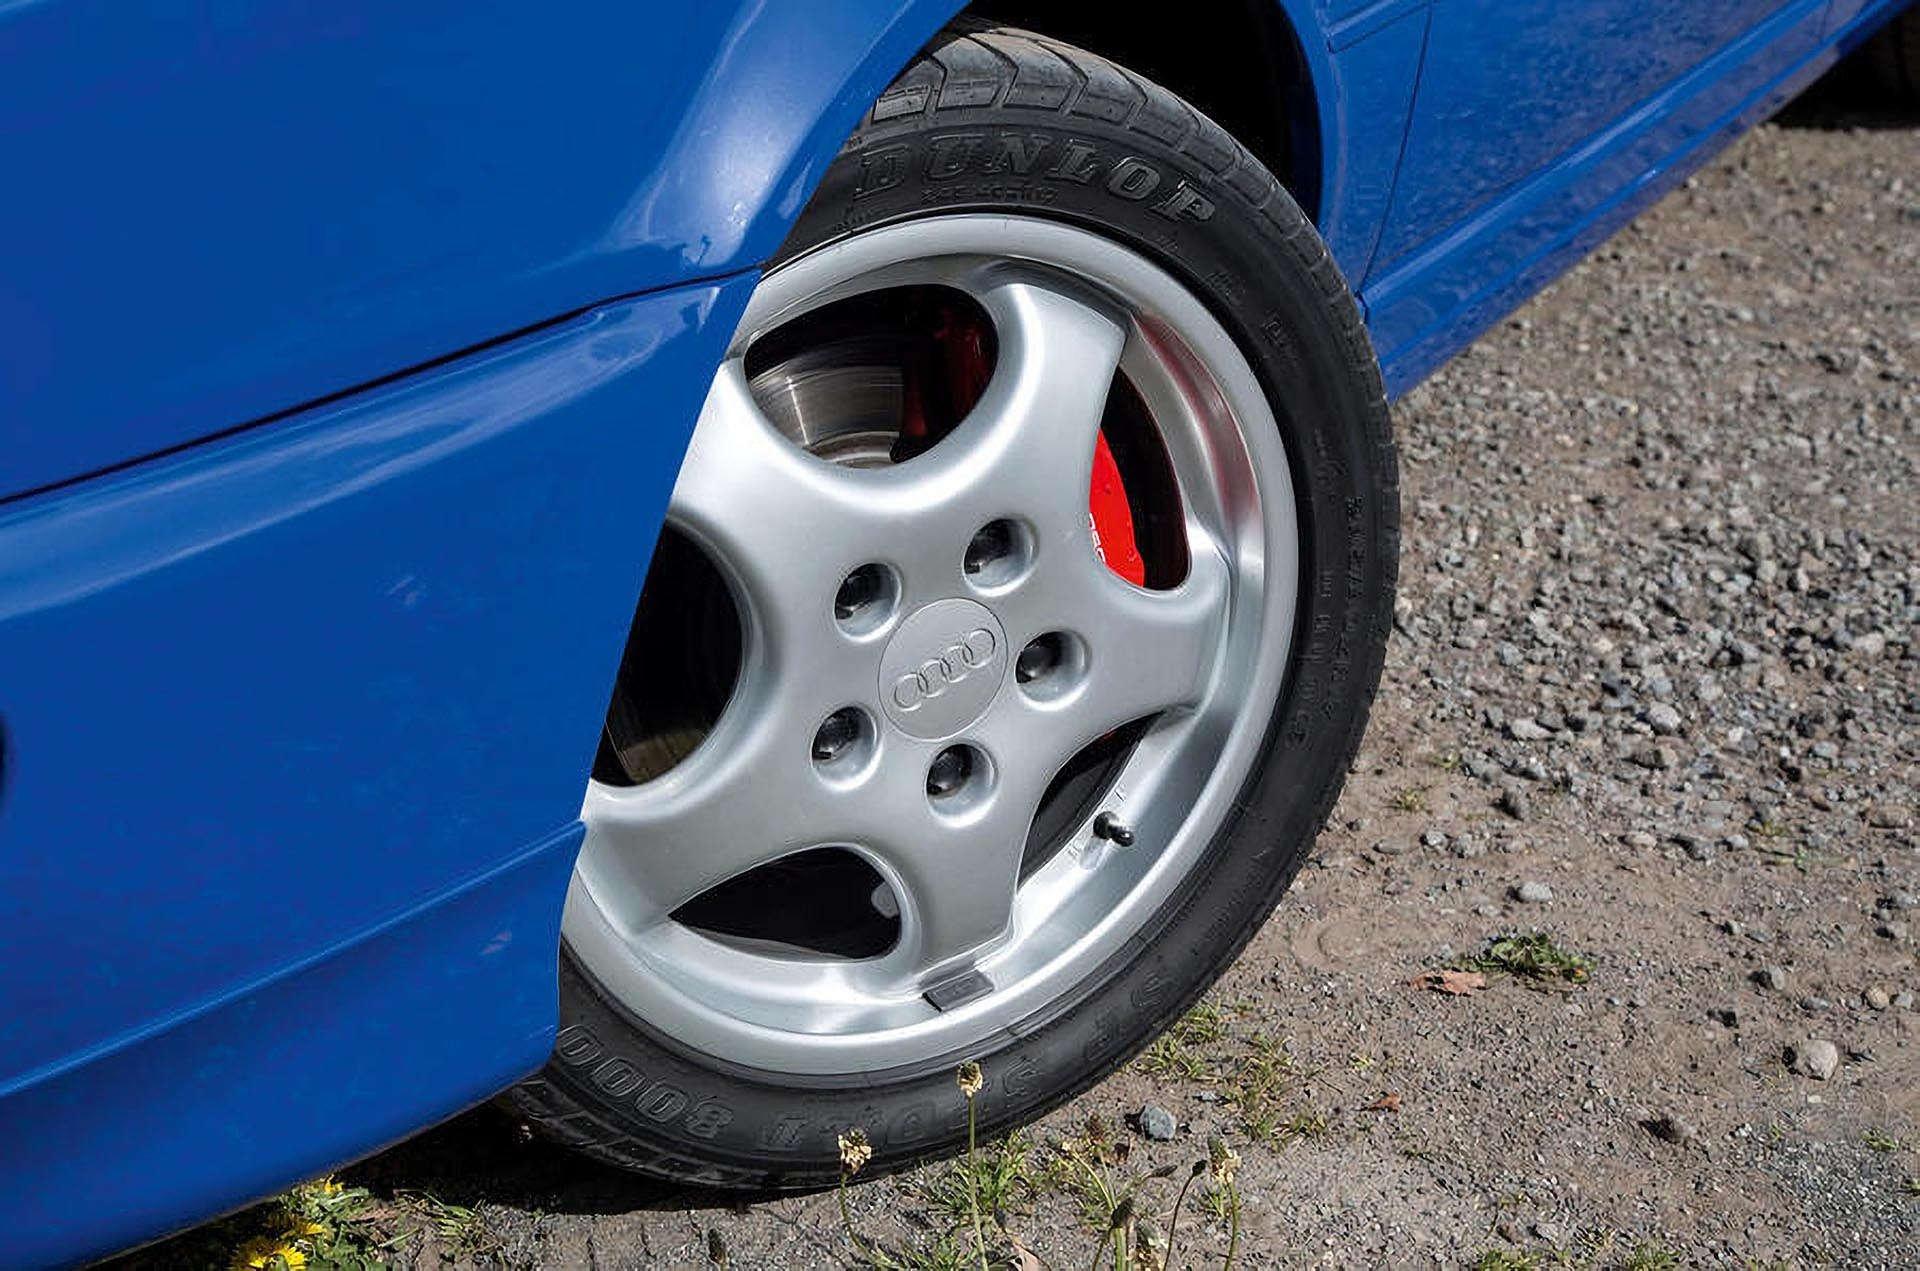 7-10_Audi RS2_Avant Porsche Cup 1 Wheel